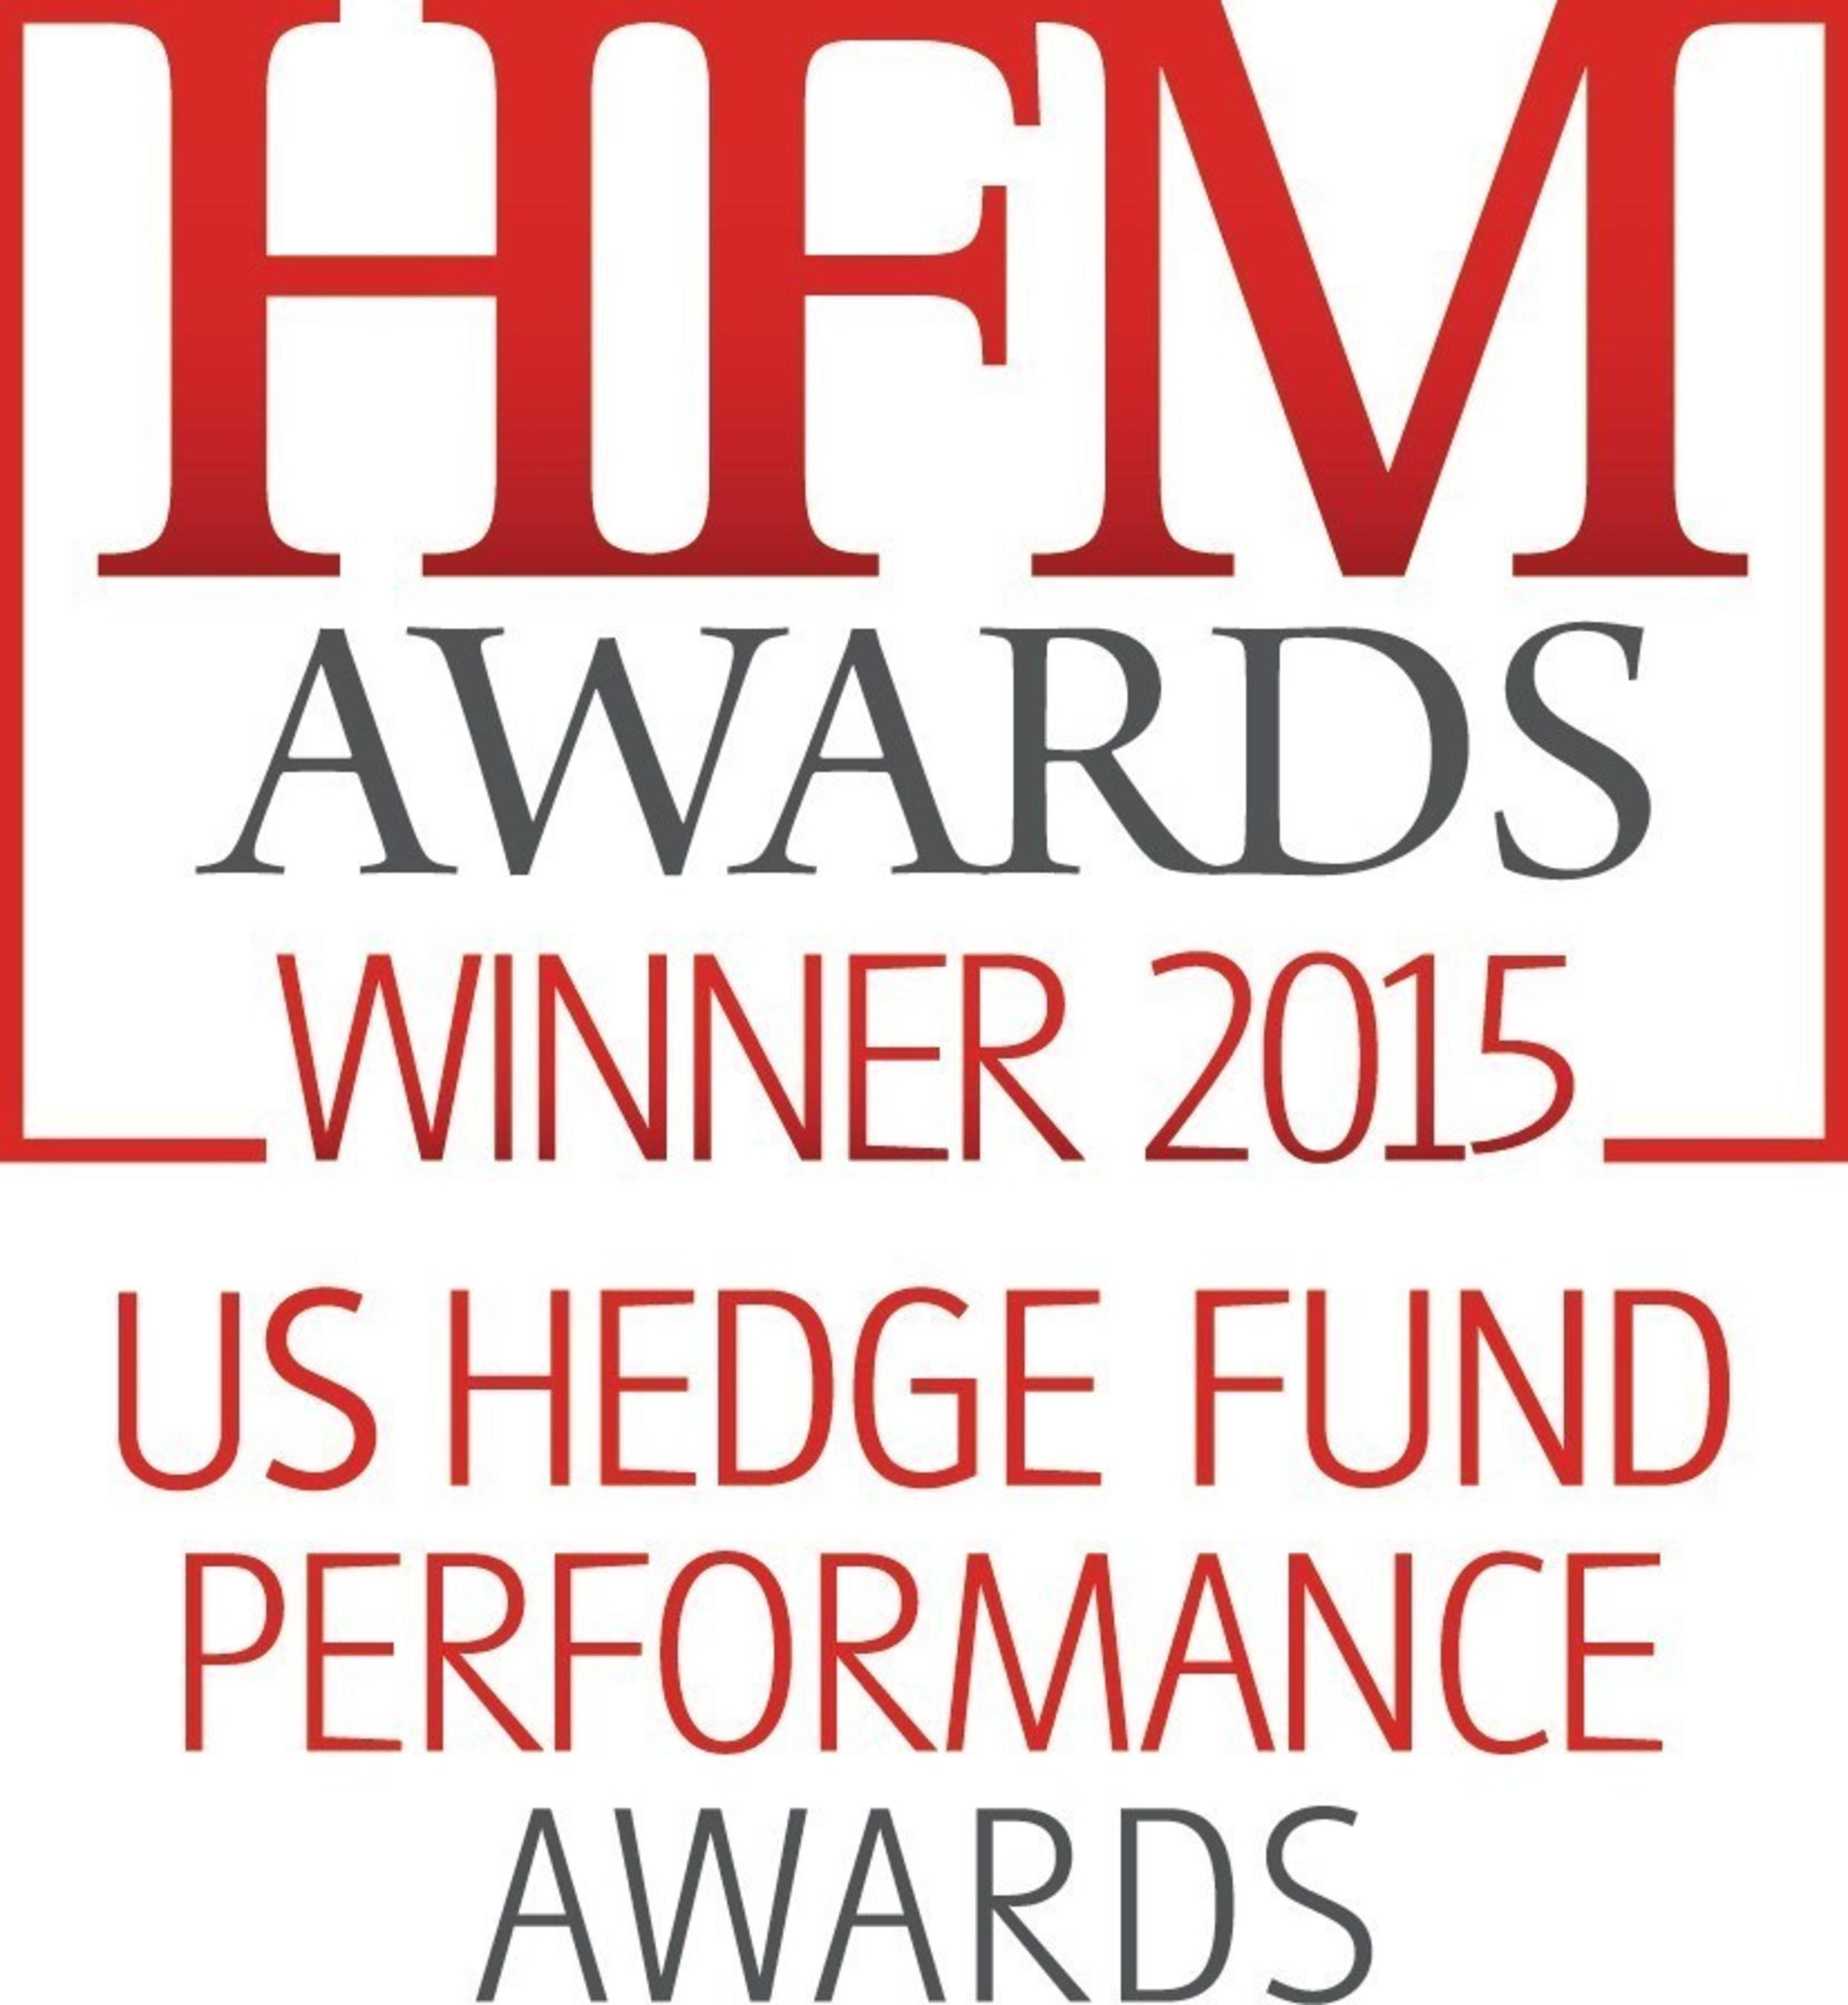 HFM Awards Winner 2015